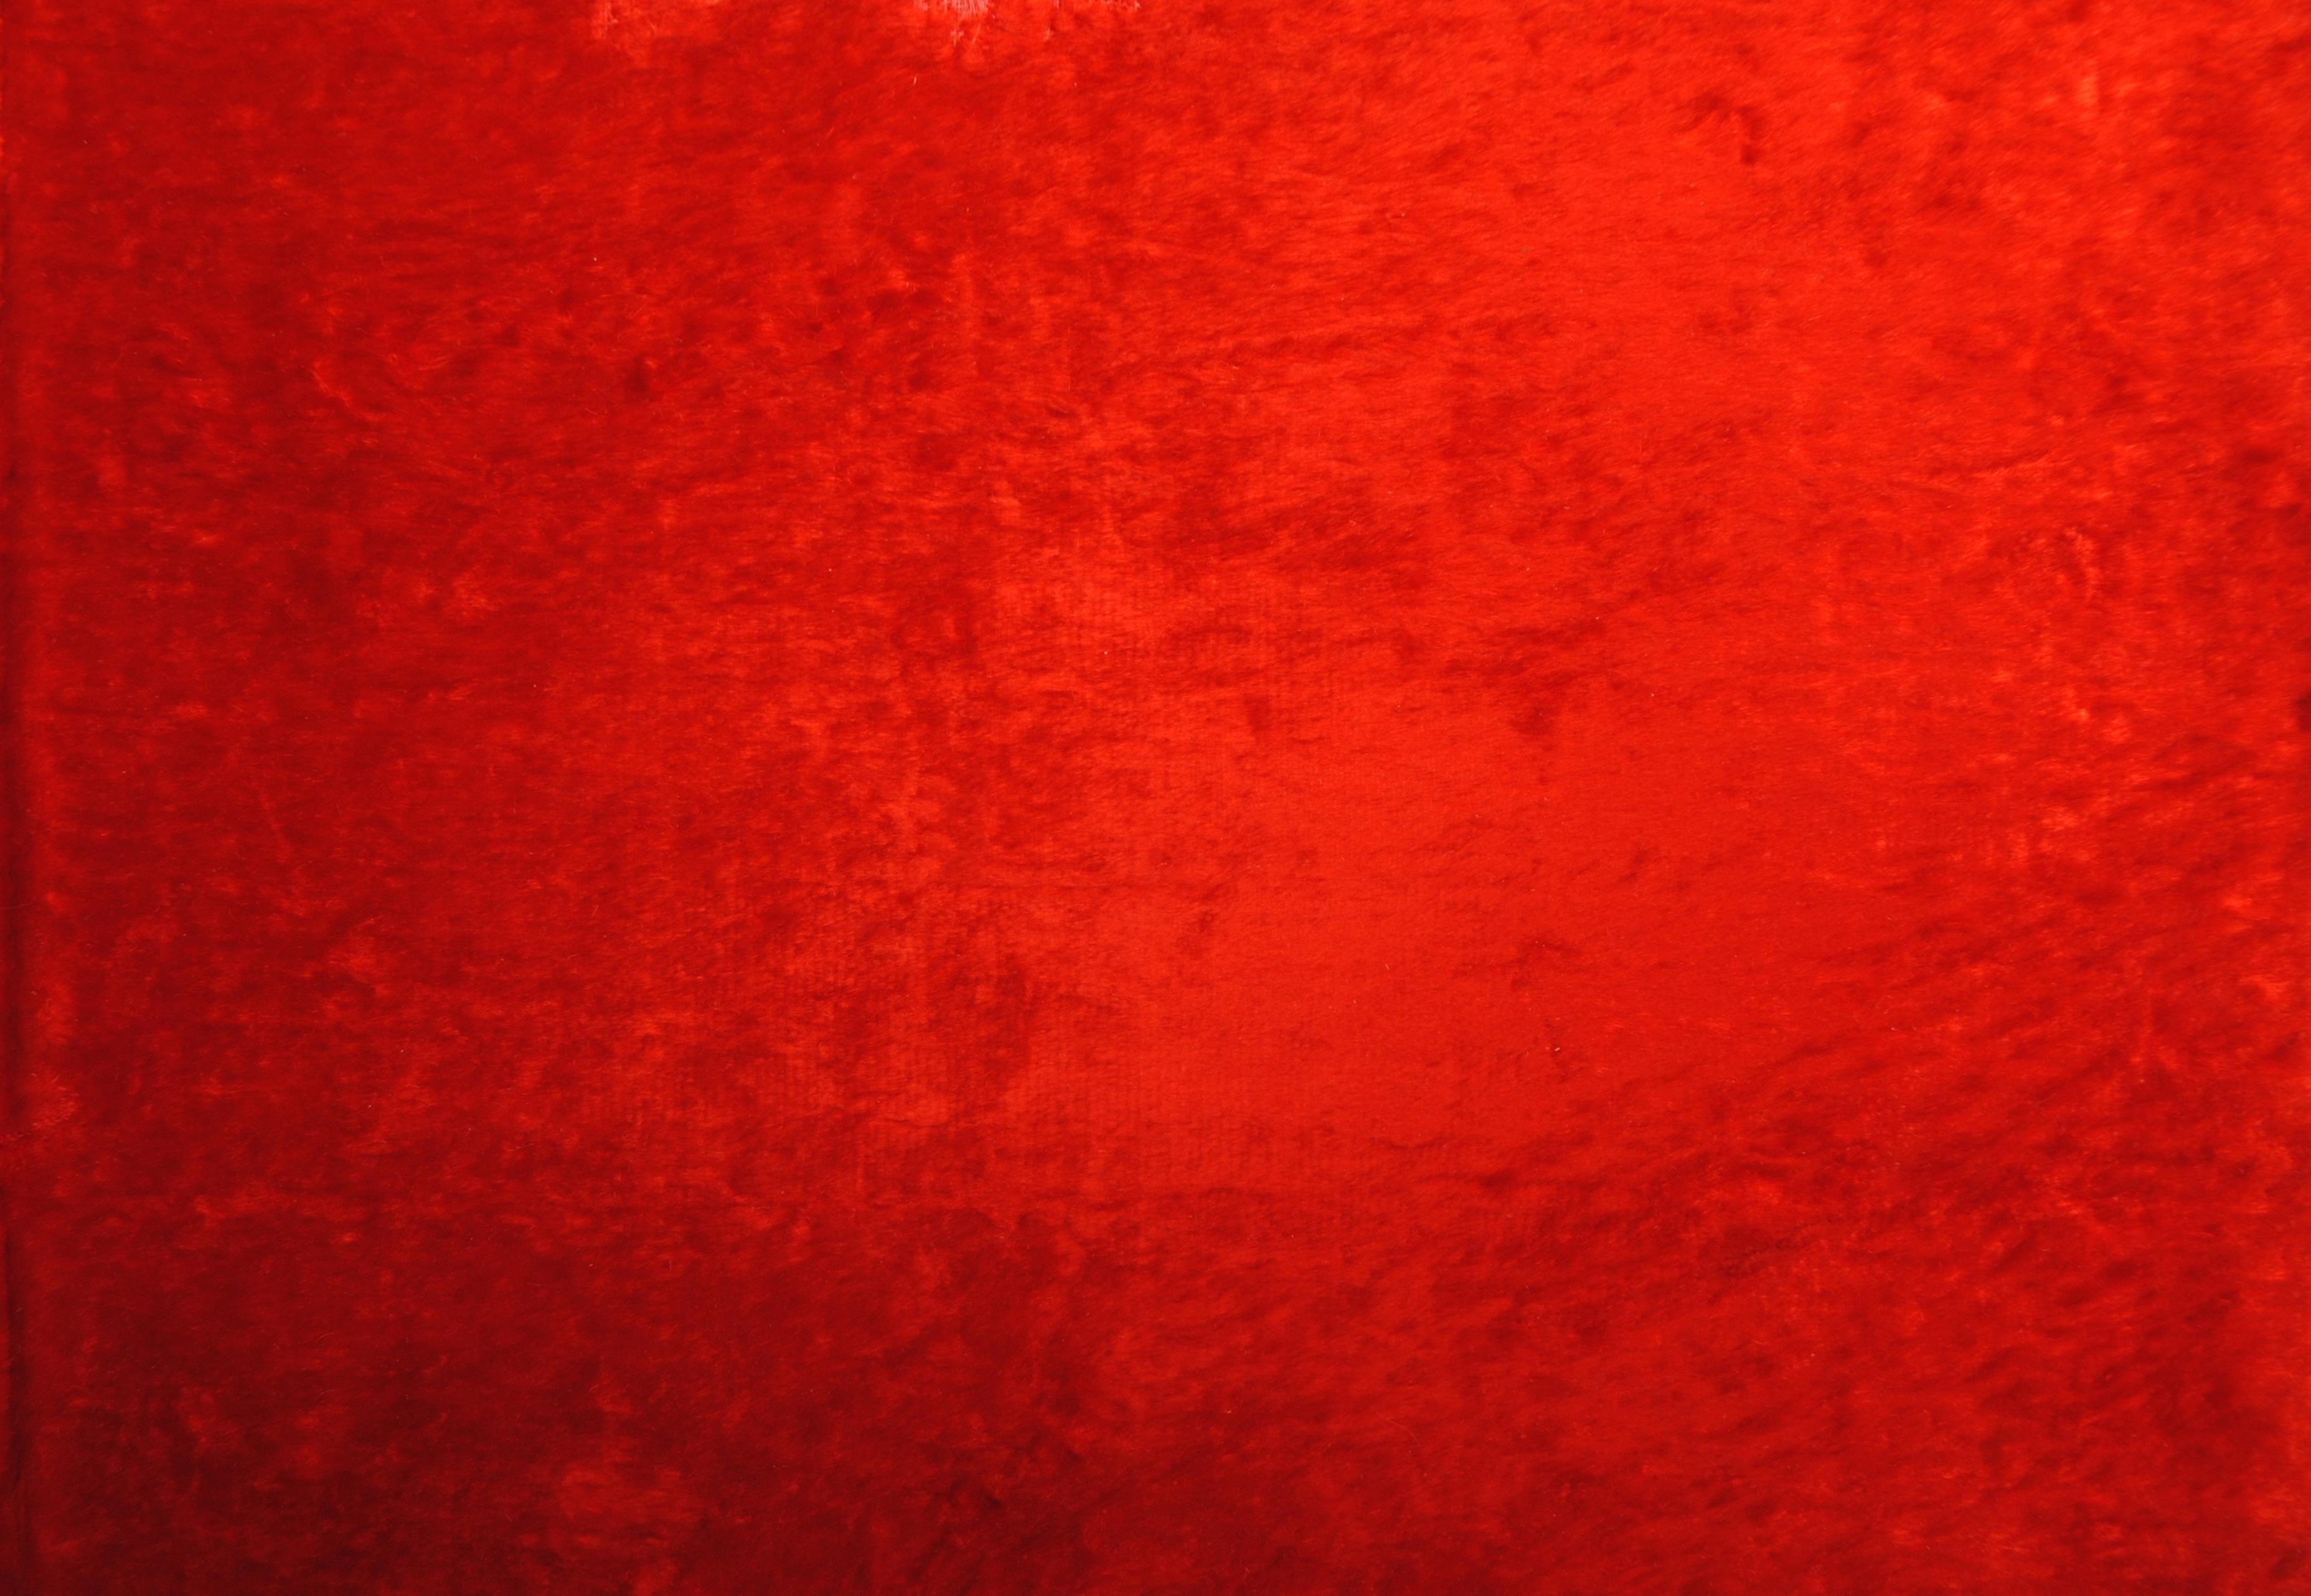 Red Wallpaper - WallpaperSafari